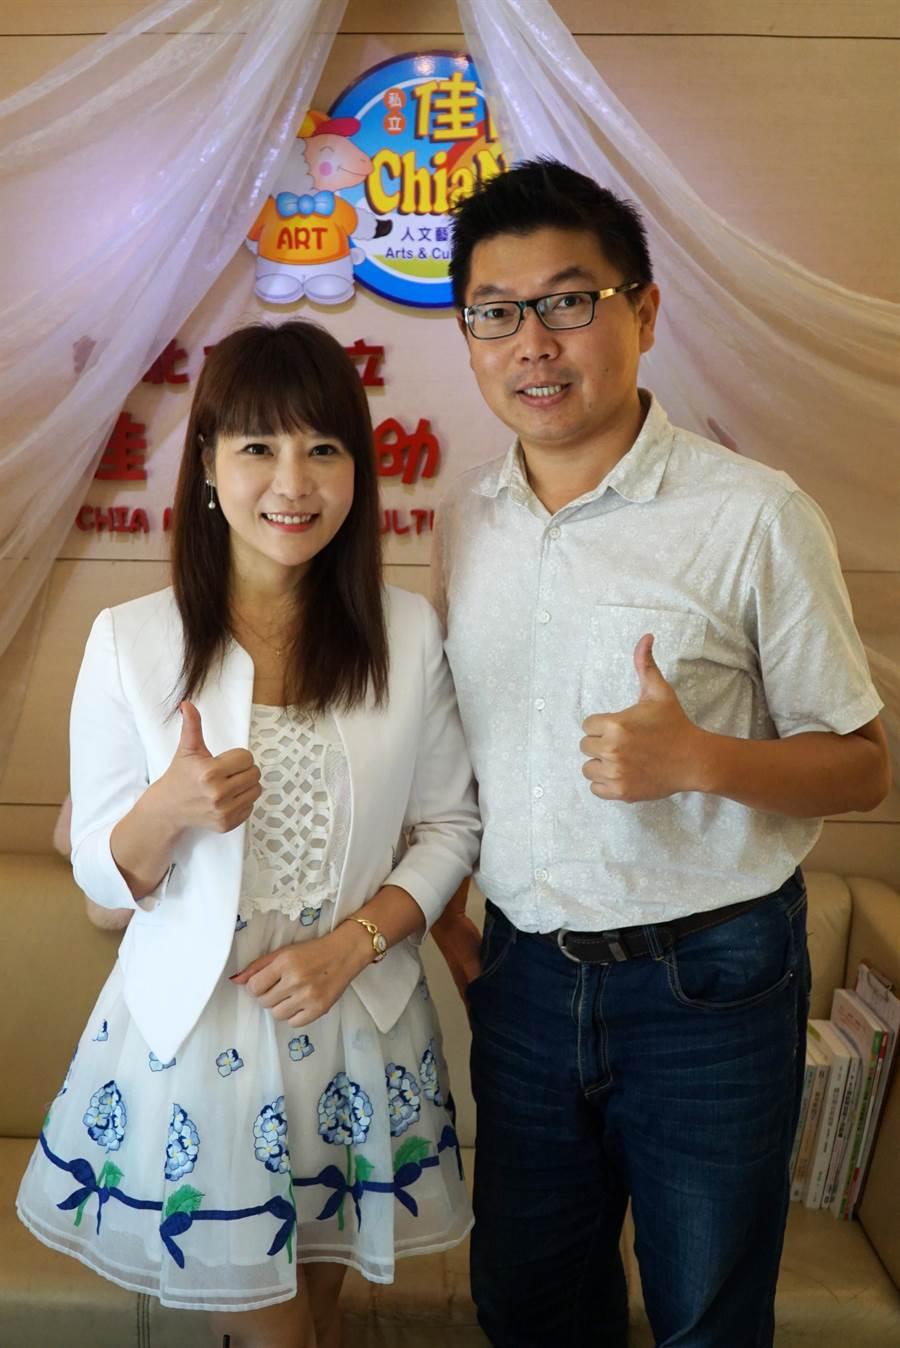 大葉大學校友中心主任楊文慶(右)恭賀連續兩年榮獲幼鐸獎的校友陳雅薇。(謝瓊雲翻攝)